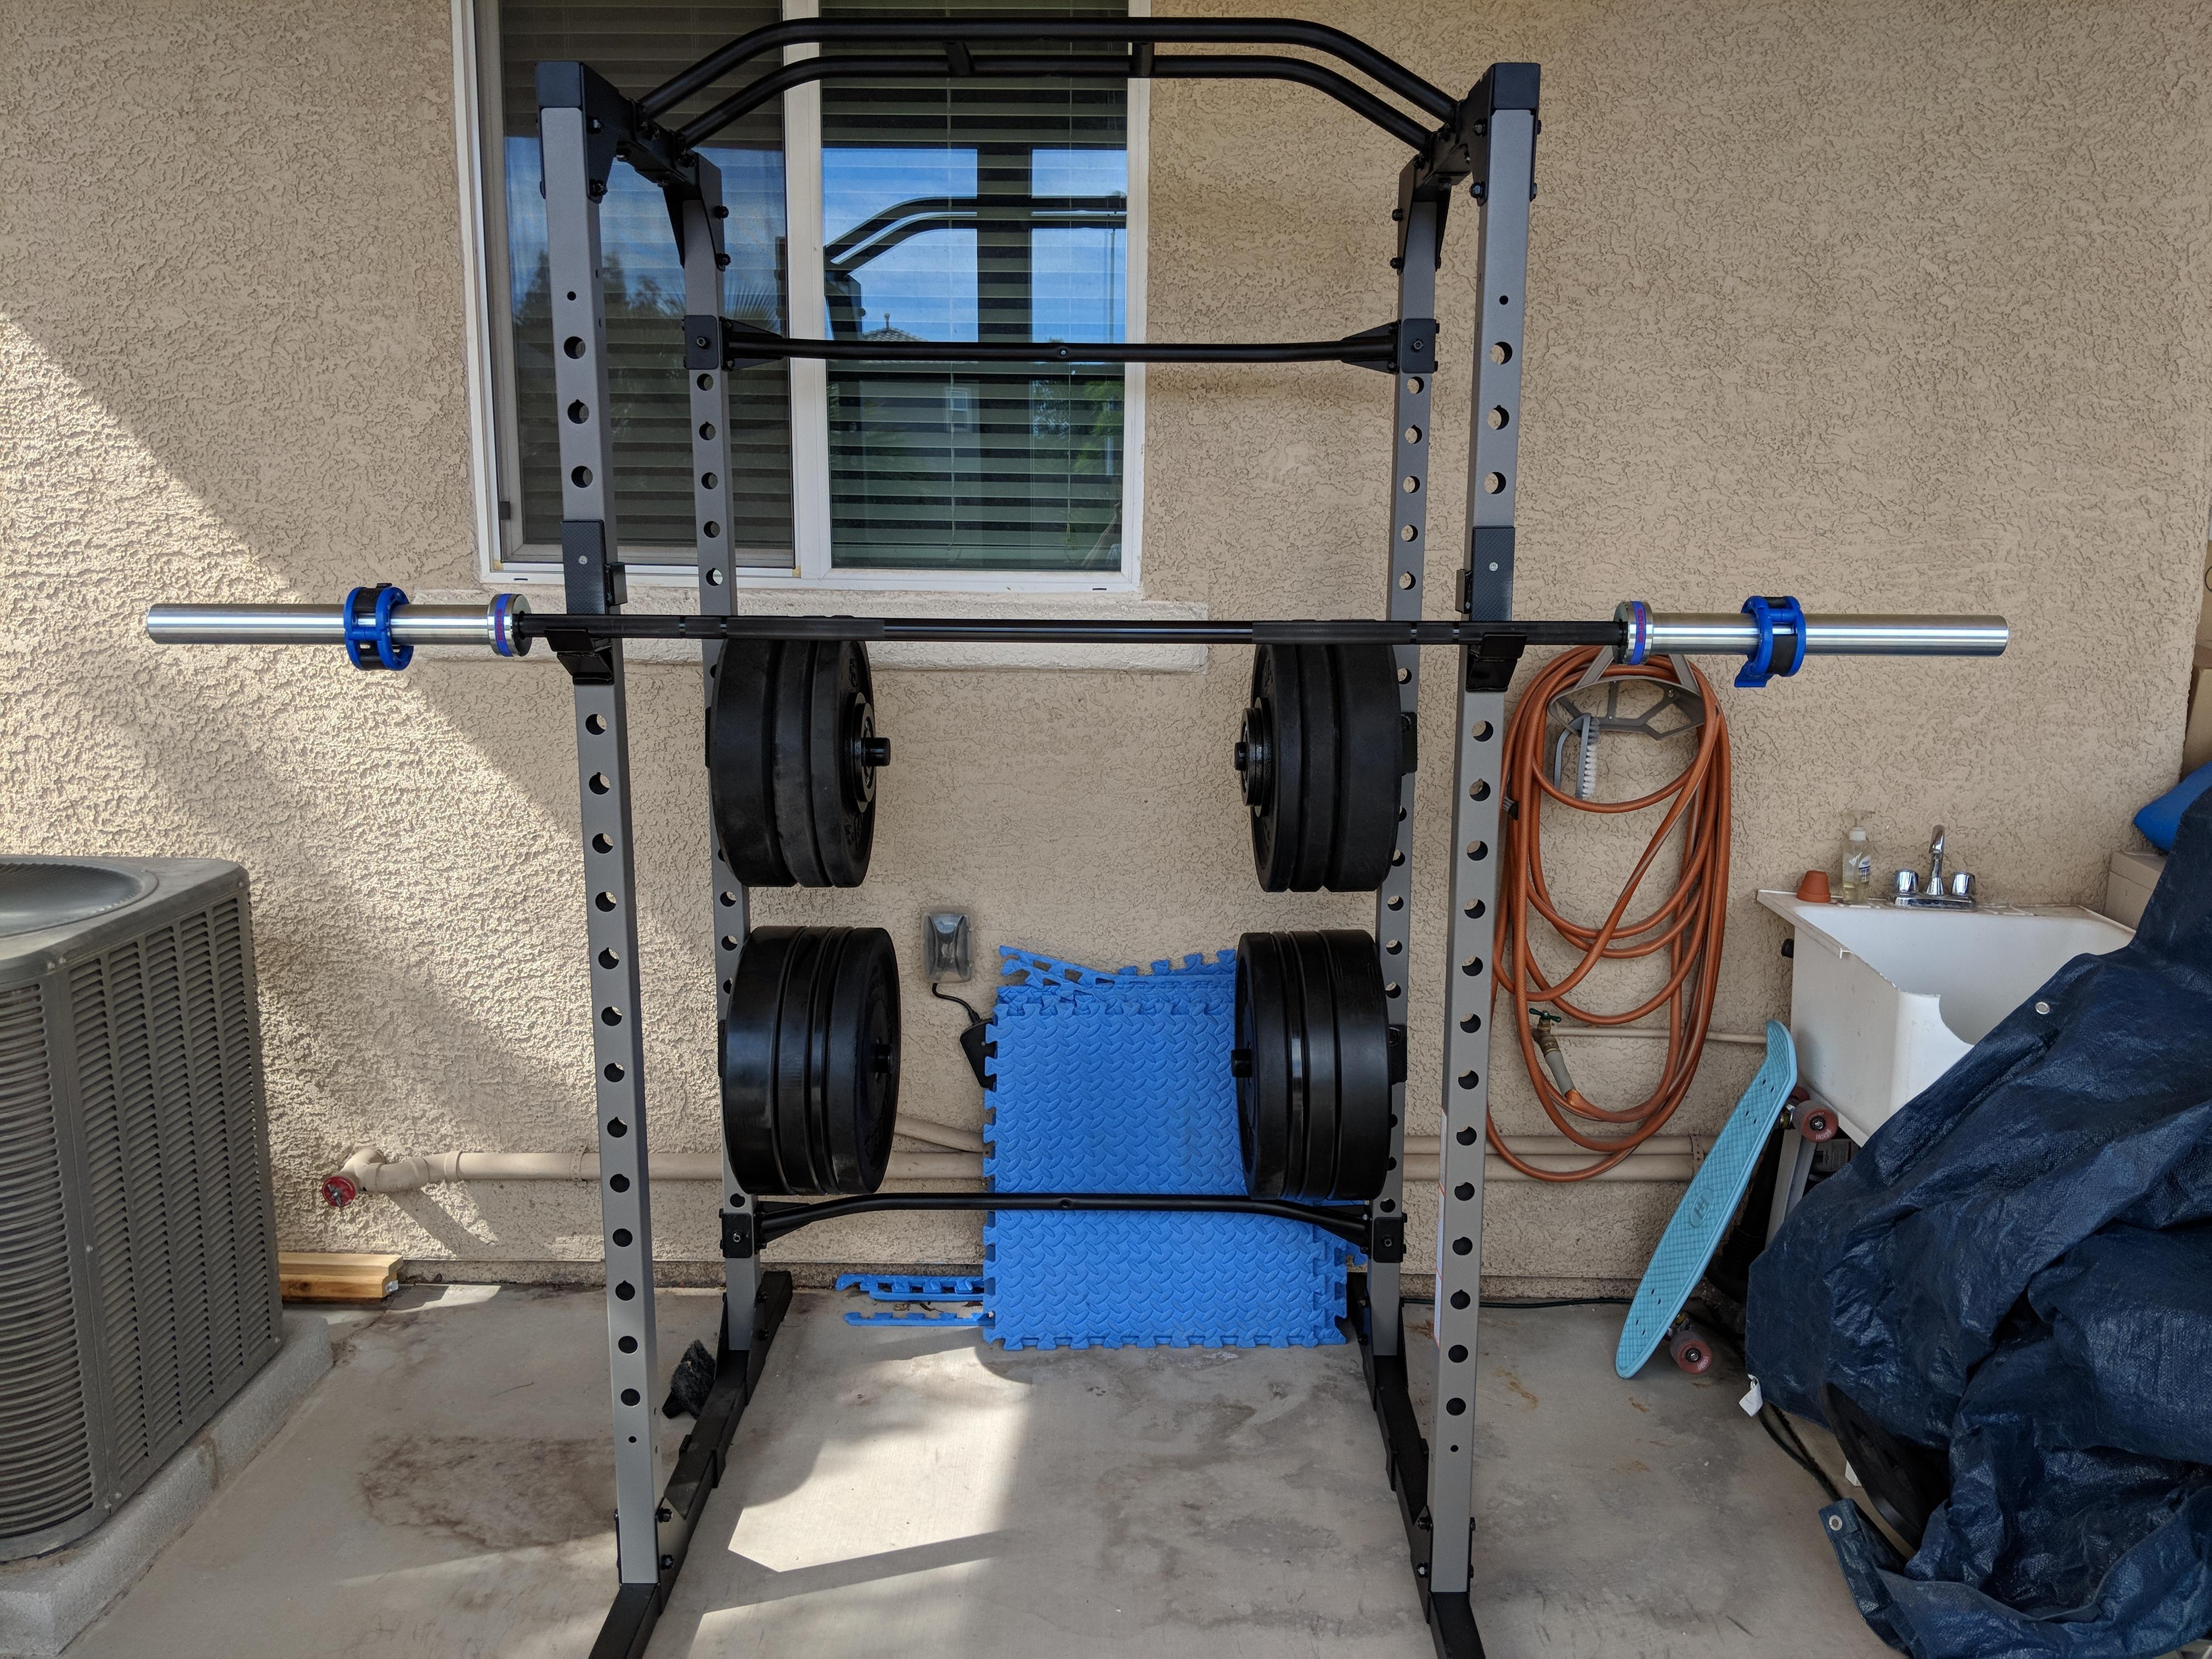 outdoor gym summer is gonna suck up